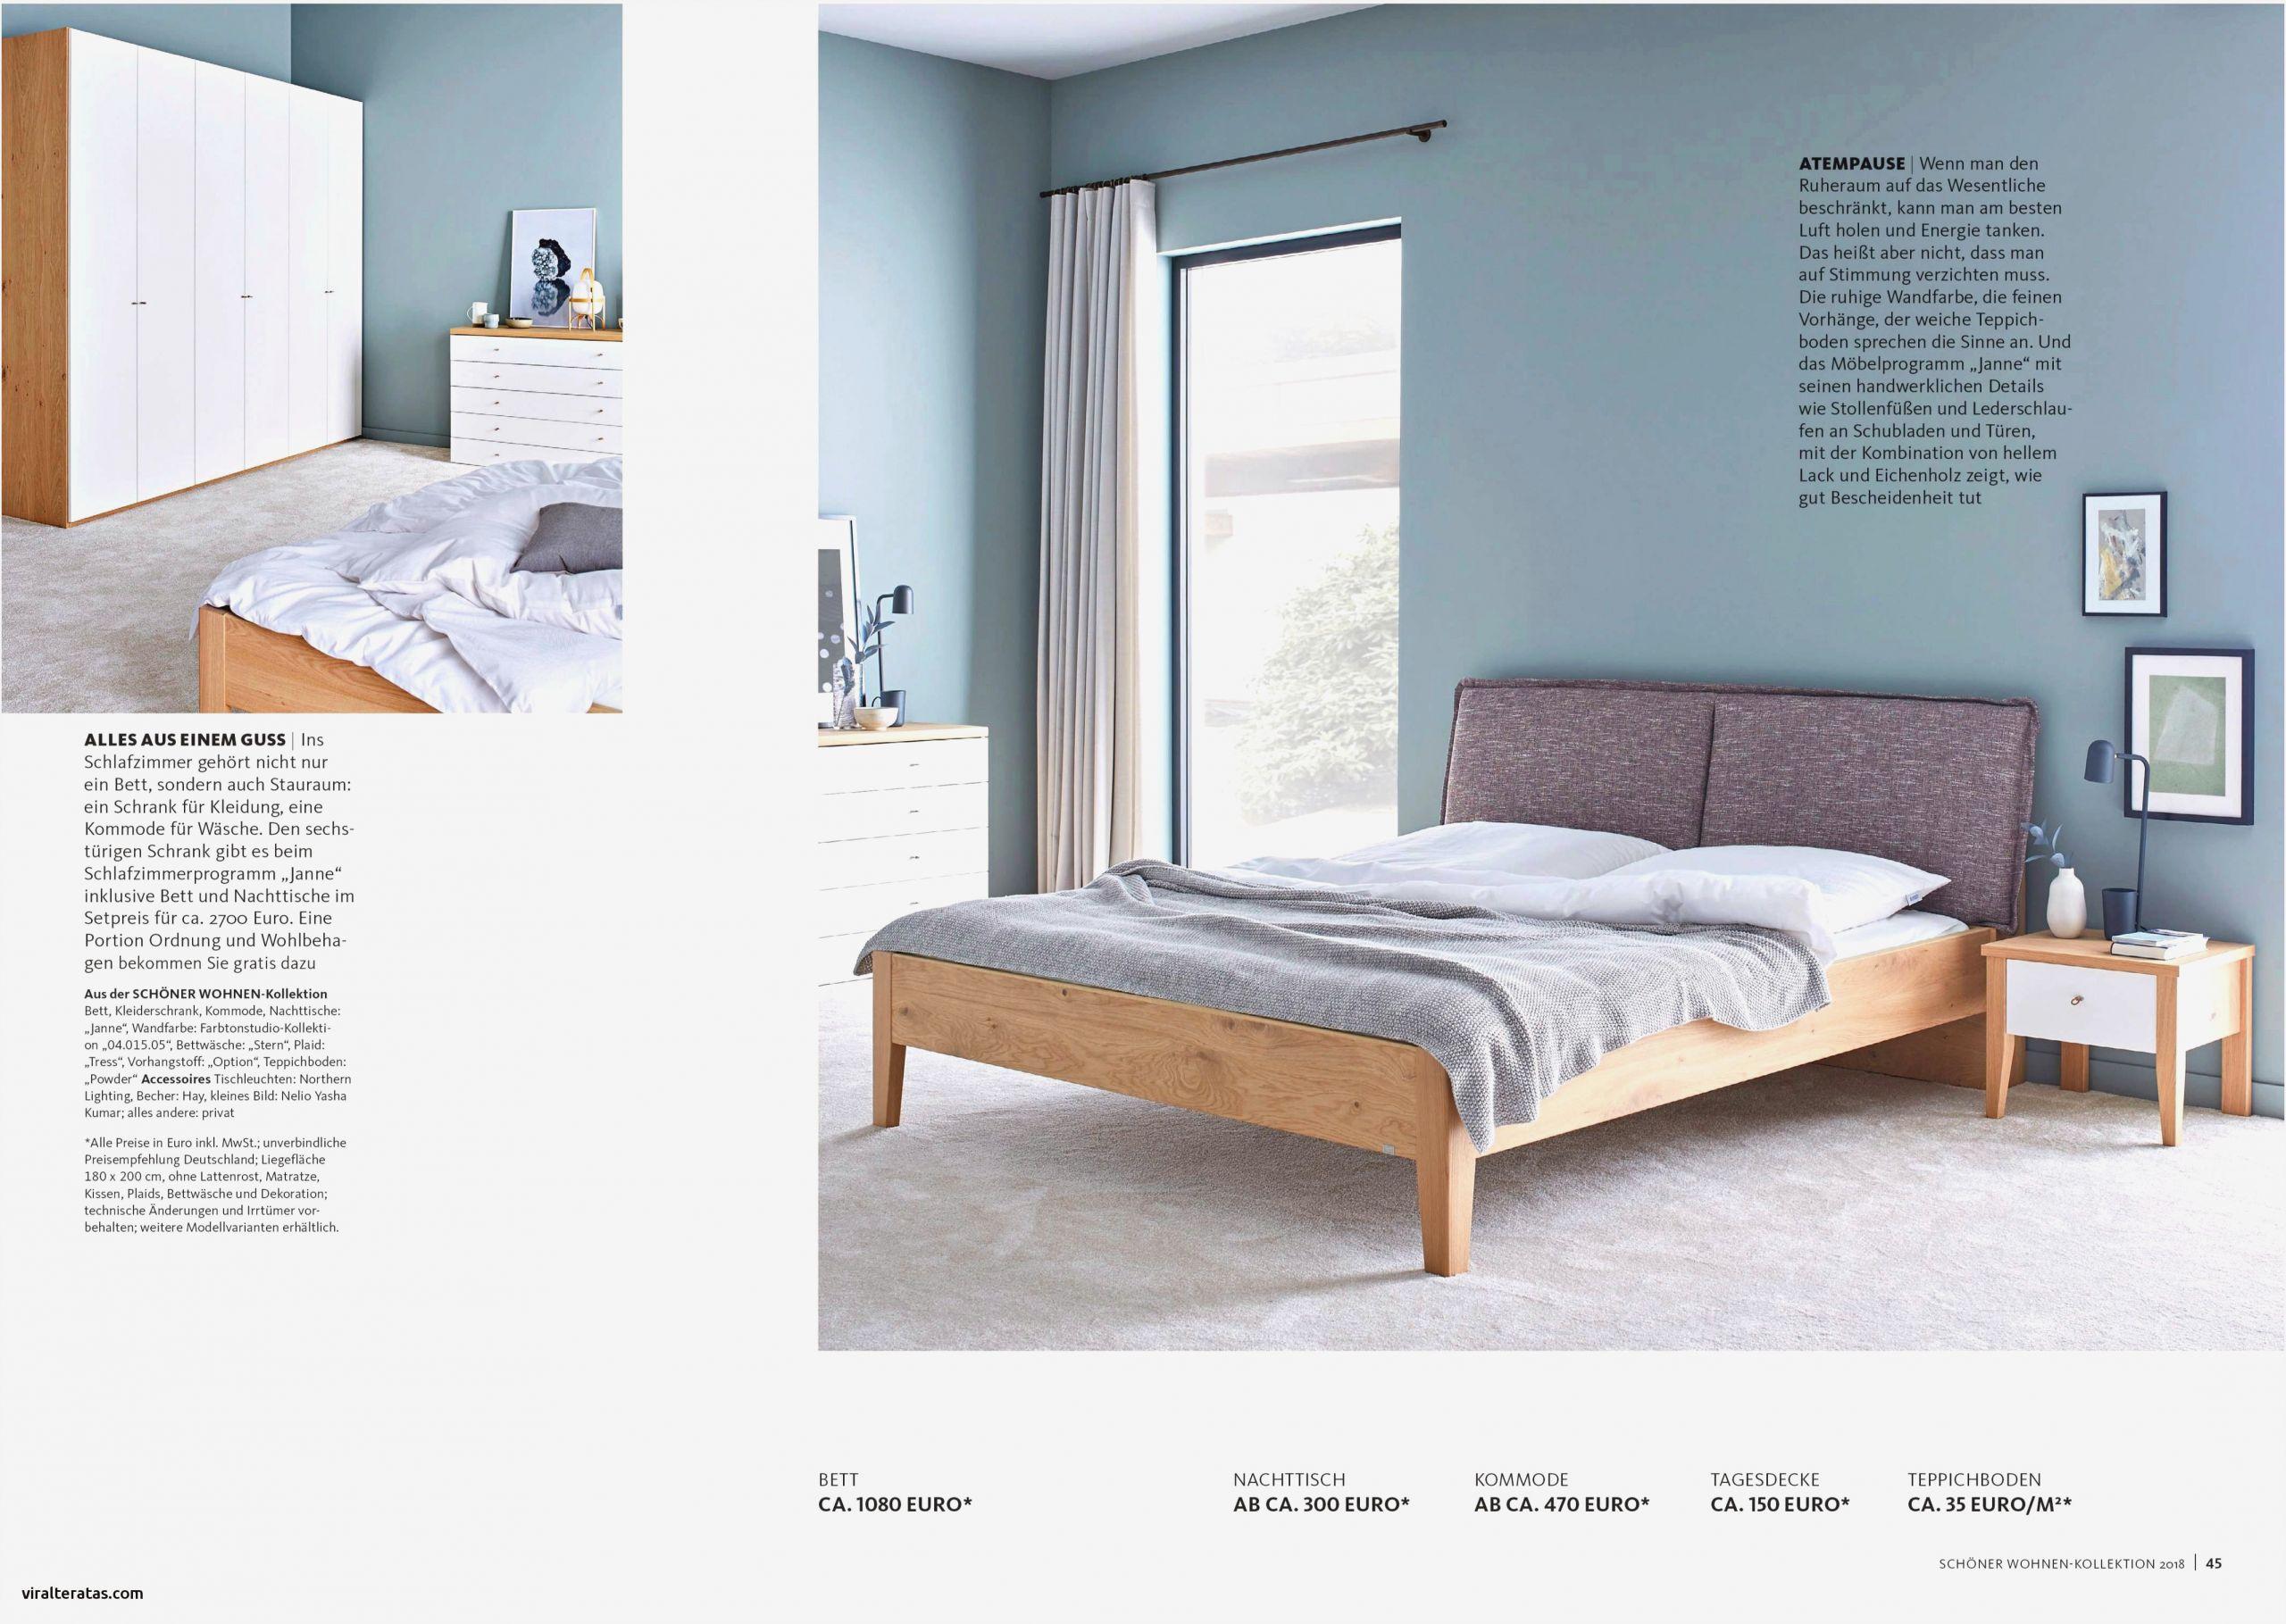 Full Size of Stauraum Bett 180x200 Ikea Mit Diy Viel Hack 90x200 Selber Bauen 160x200 Malm 120x200 Ideen Schlafzimmer Traumhaus Komplett Lattenrost Und Matratze Wohnzimmer Bett Mit Stauraum Ikea